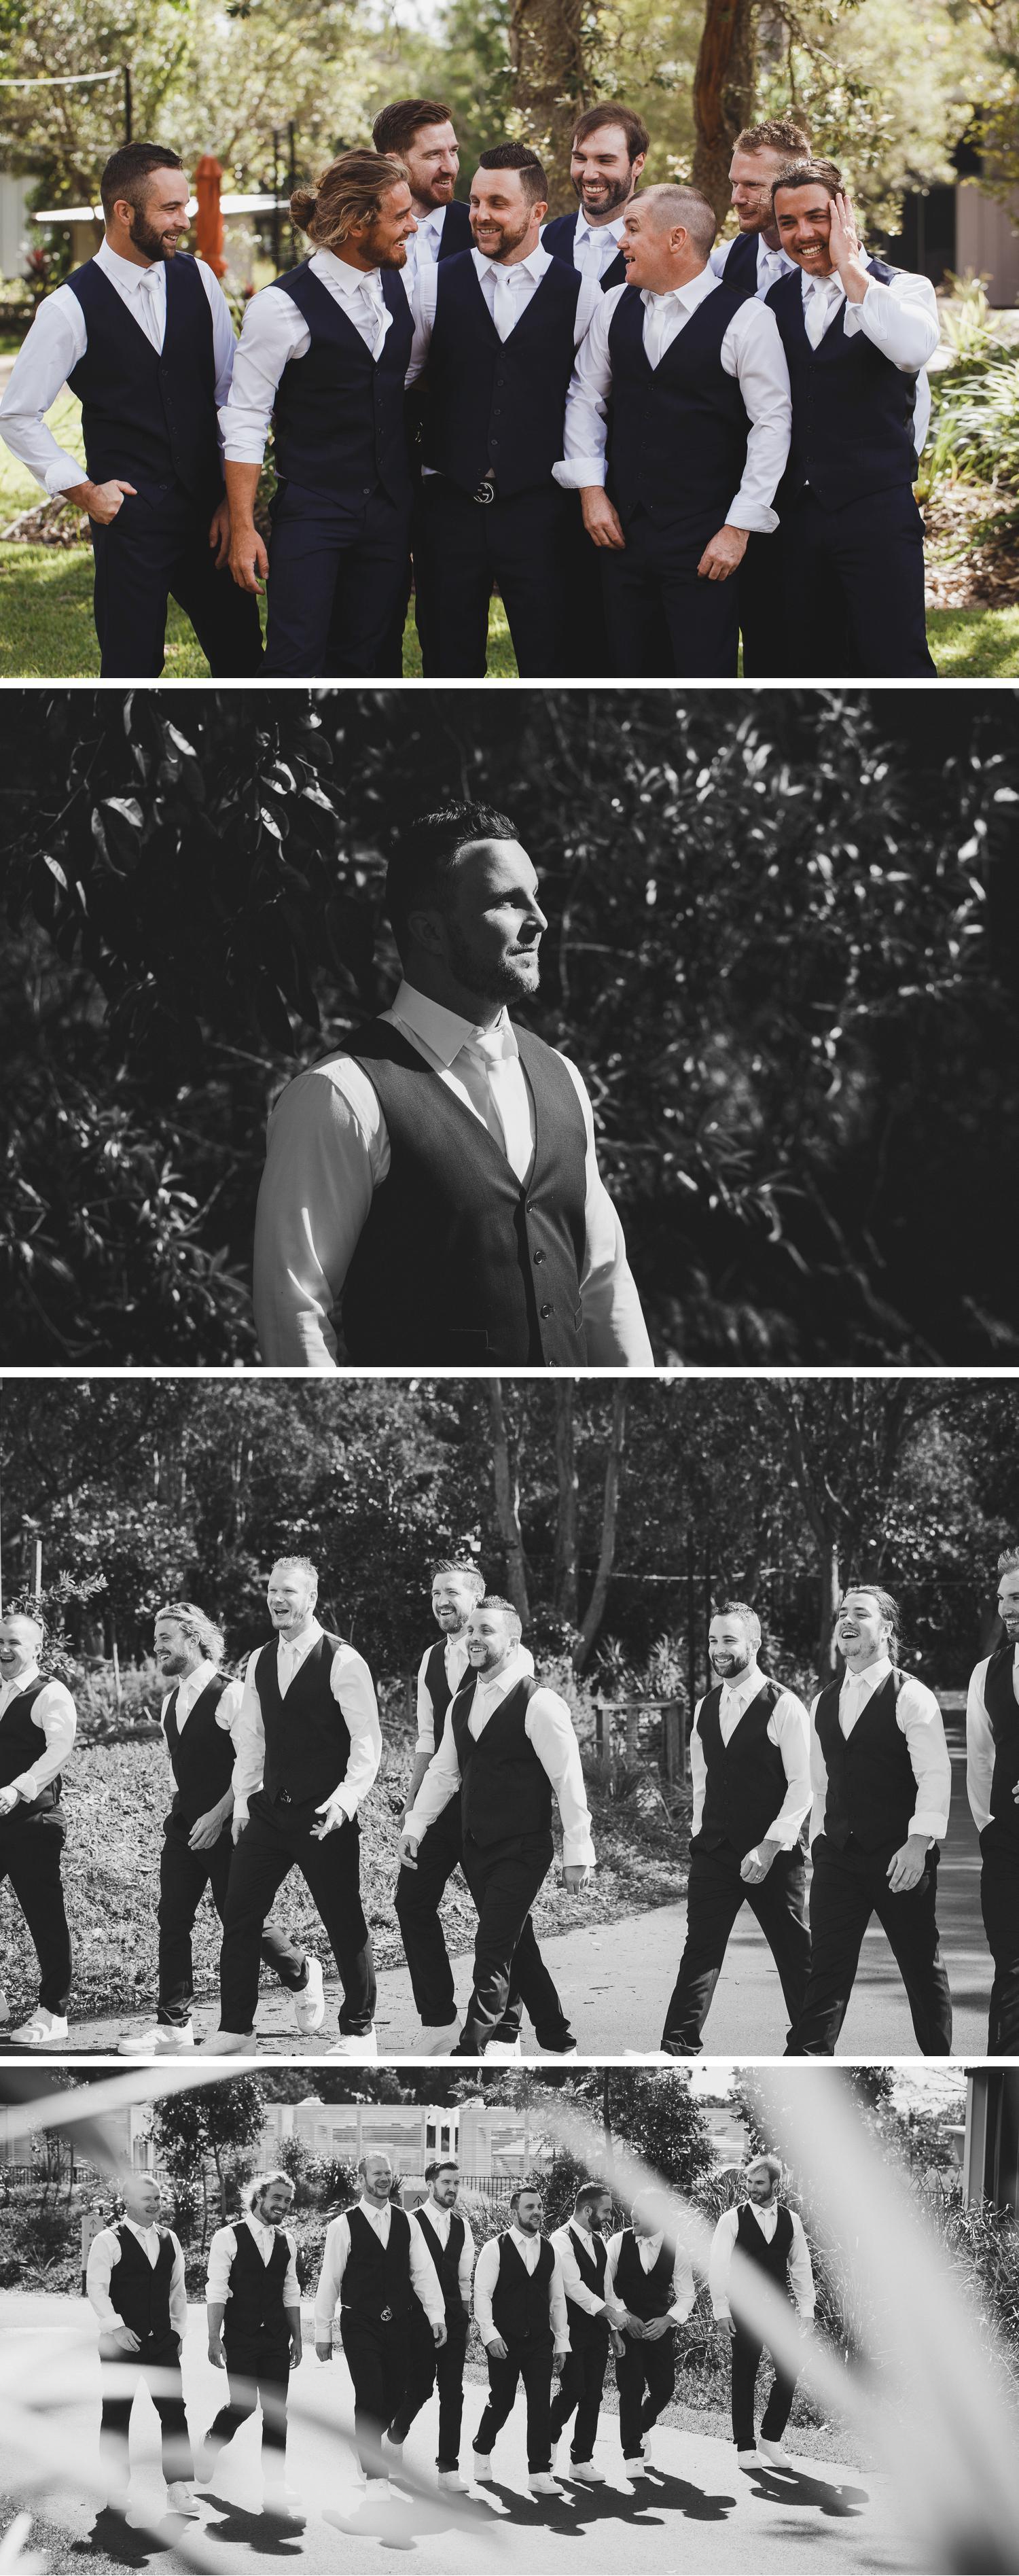 Byron Bay Victoria Wedding Photos, Byron Bay Surf Club Wedding, Groom Getting Ready Wedding Photos by Danae Studios